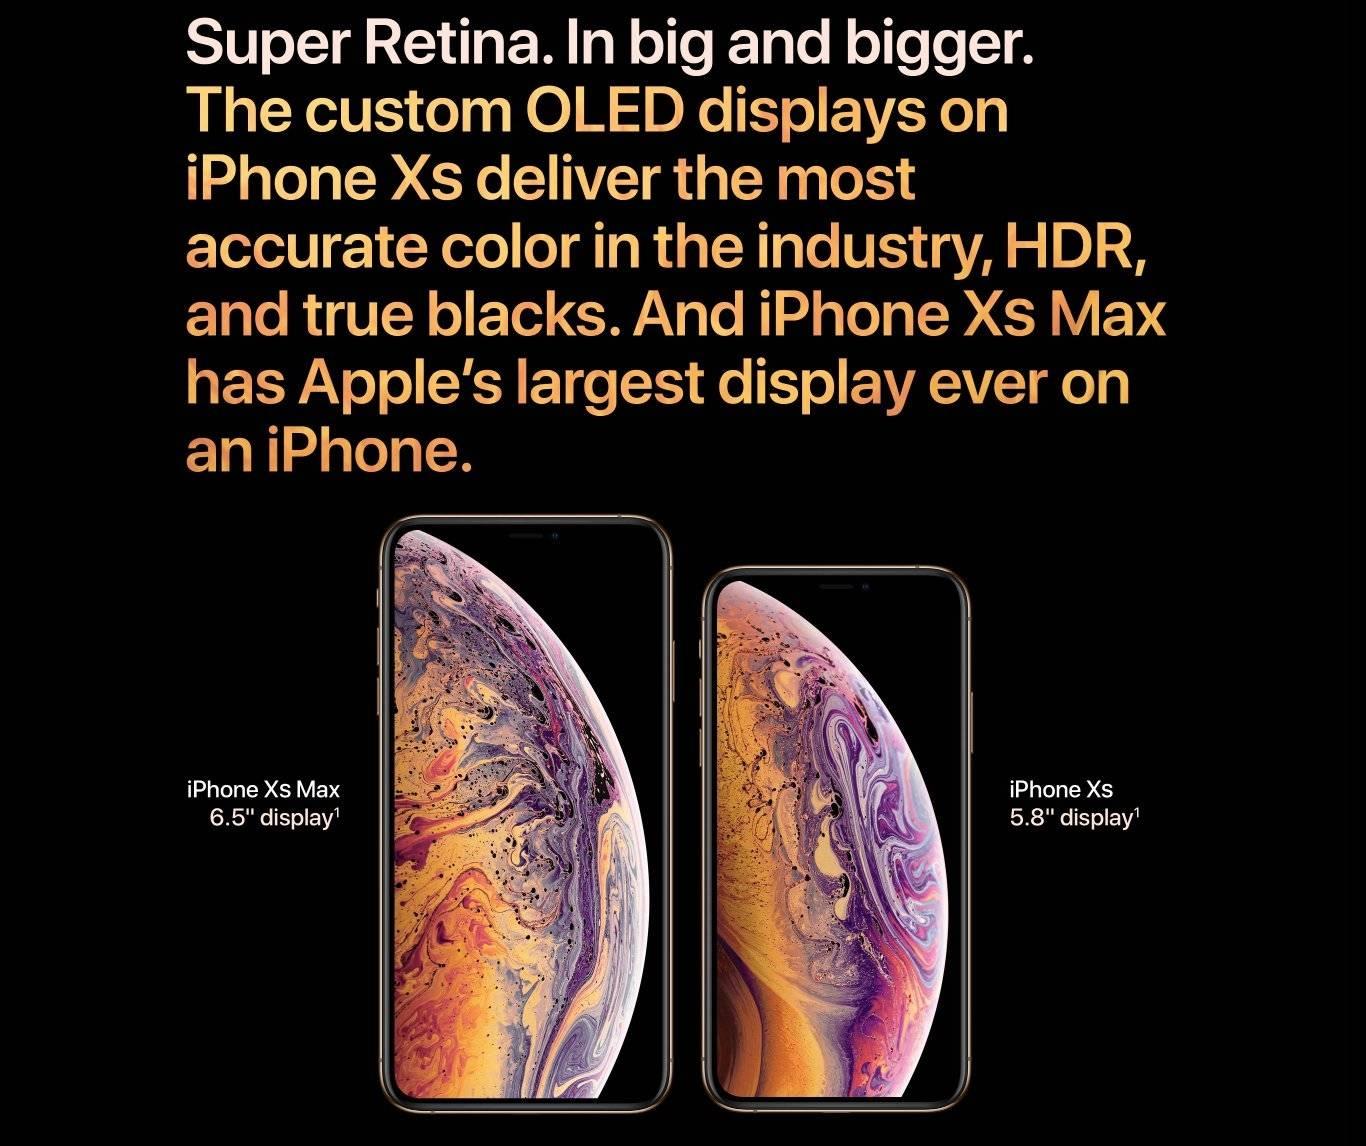 iphone xs max 256gb Apple IPhone XS Max 256GB – Dual SIM (nano-SIM) 0f41dc40663b9de4a2d2ba5822d0f6c9